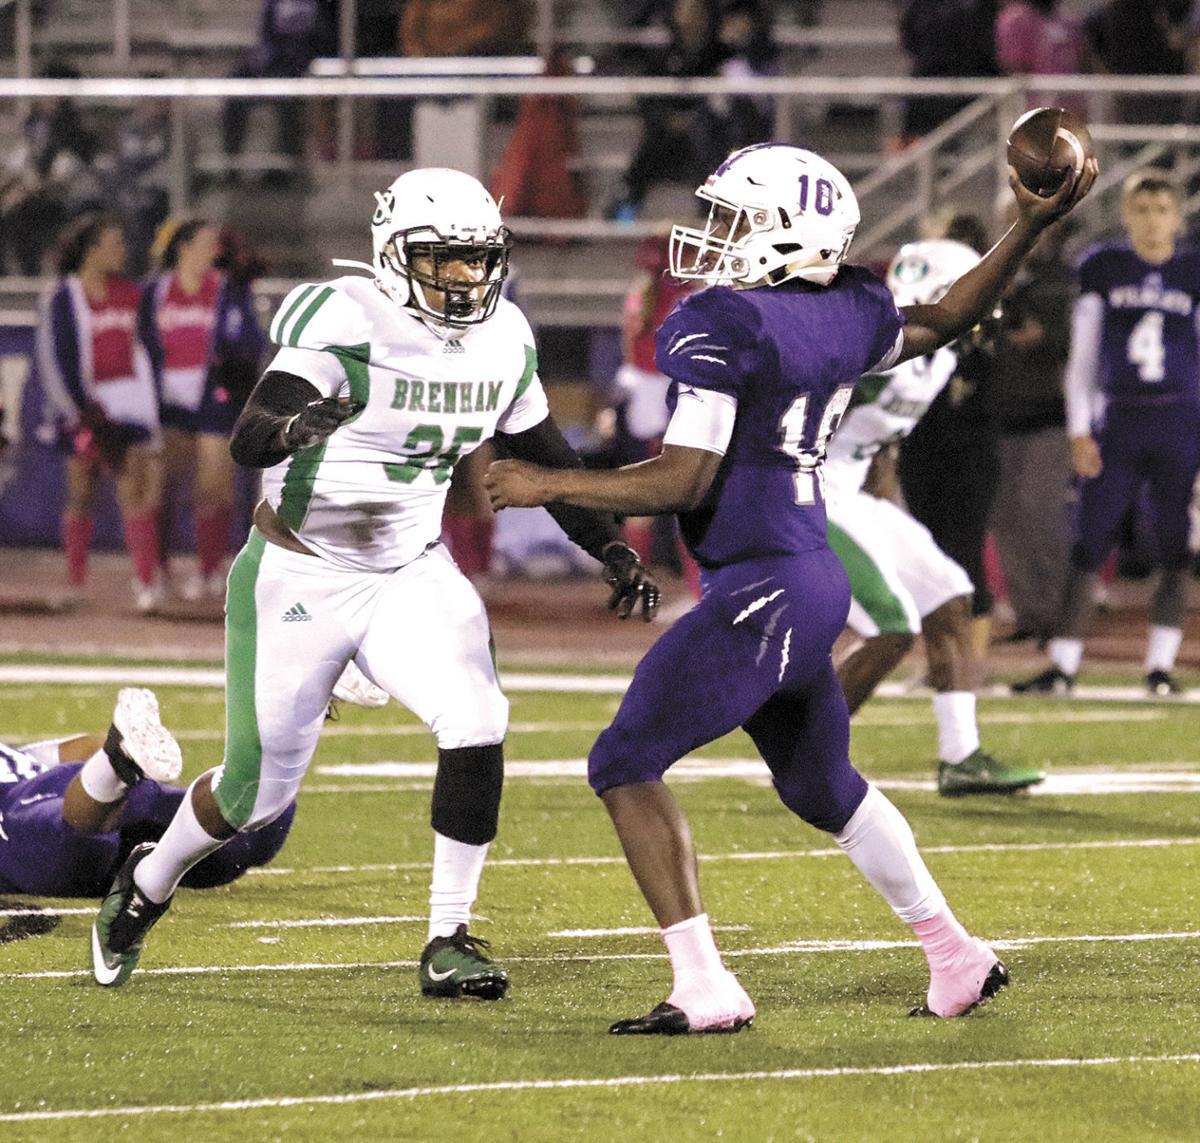 Brenham's Kelvin Mathis rushes the quarterback